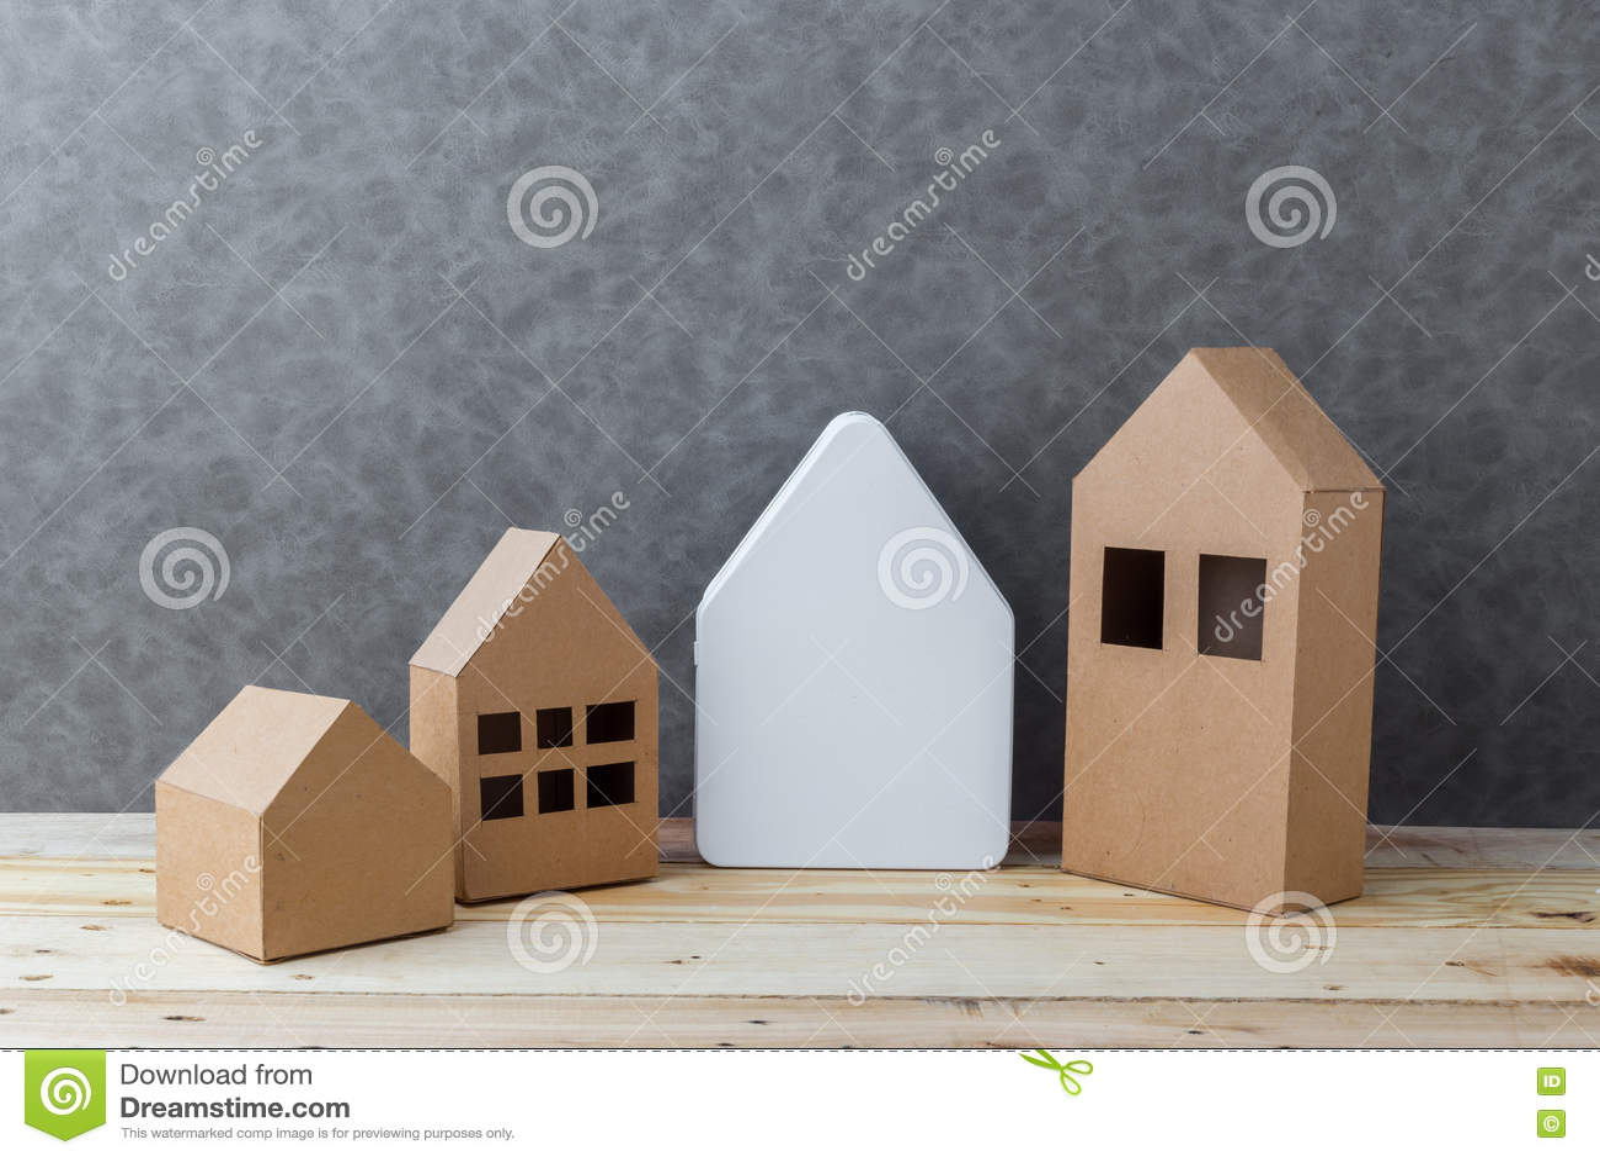 Contenga El Concepto Con Cartulina De La Forma De La Casa En Piso Y